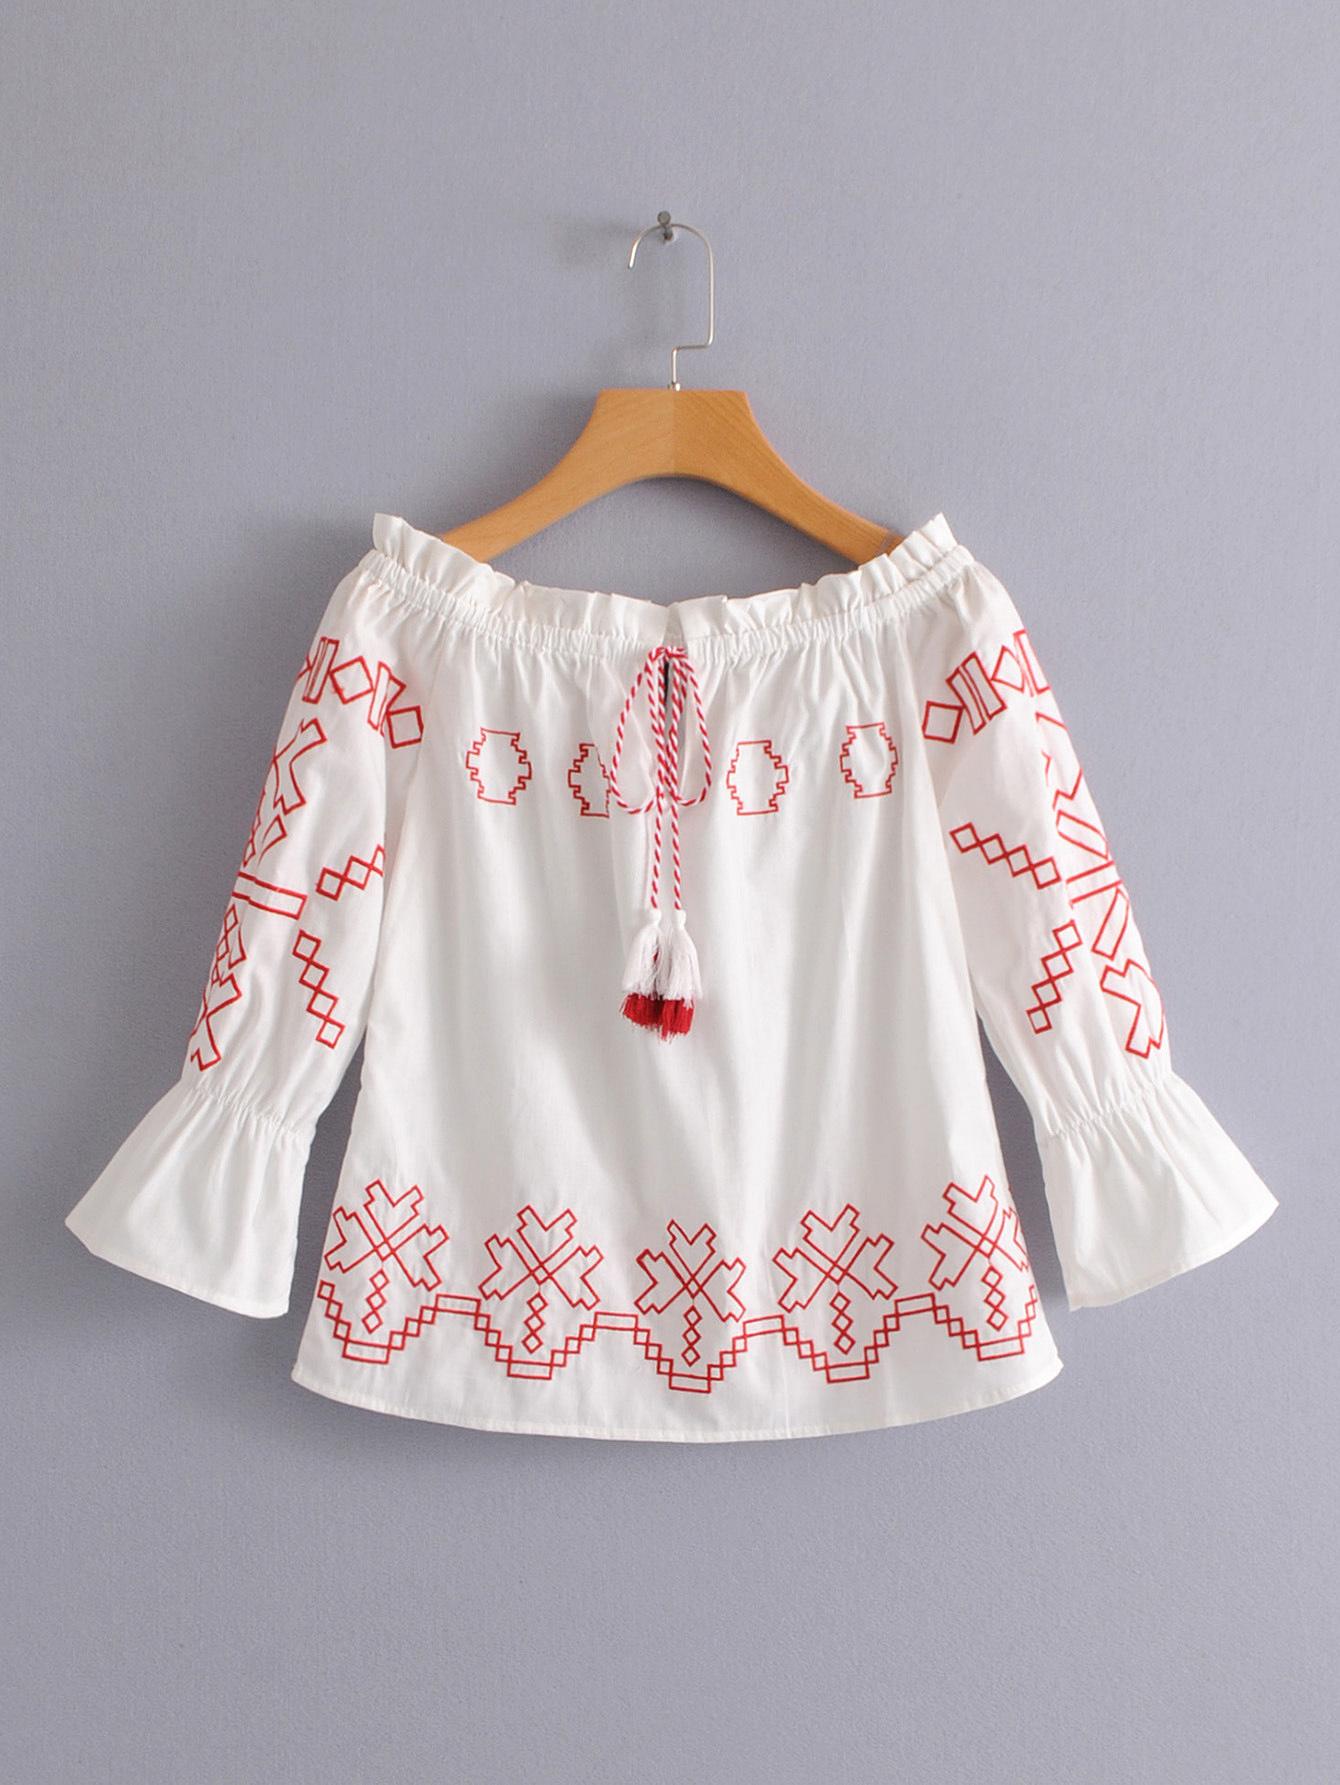 Cotton Fashioncoat(White-S) NHAM2348-White-S